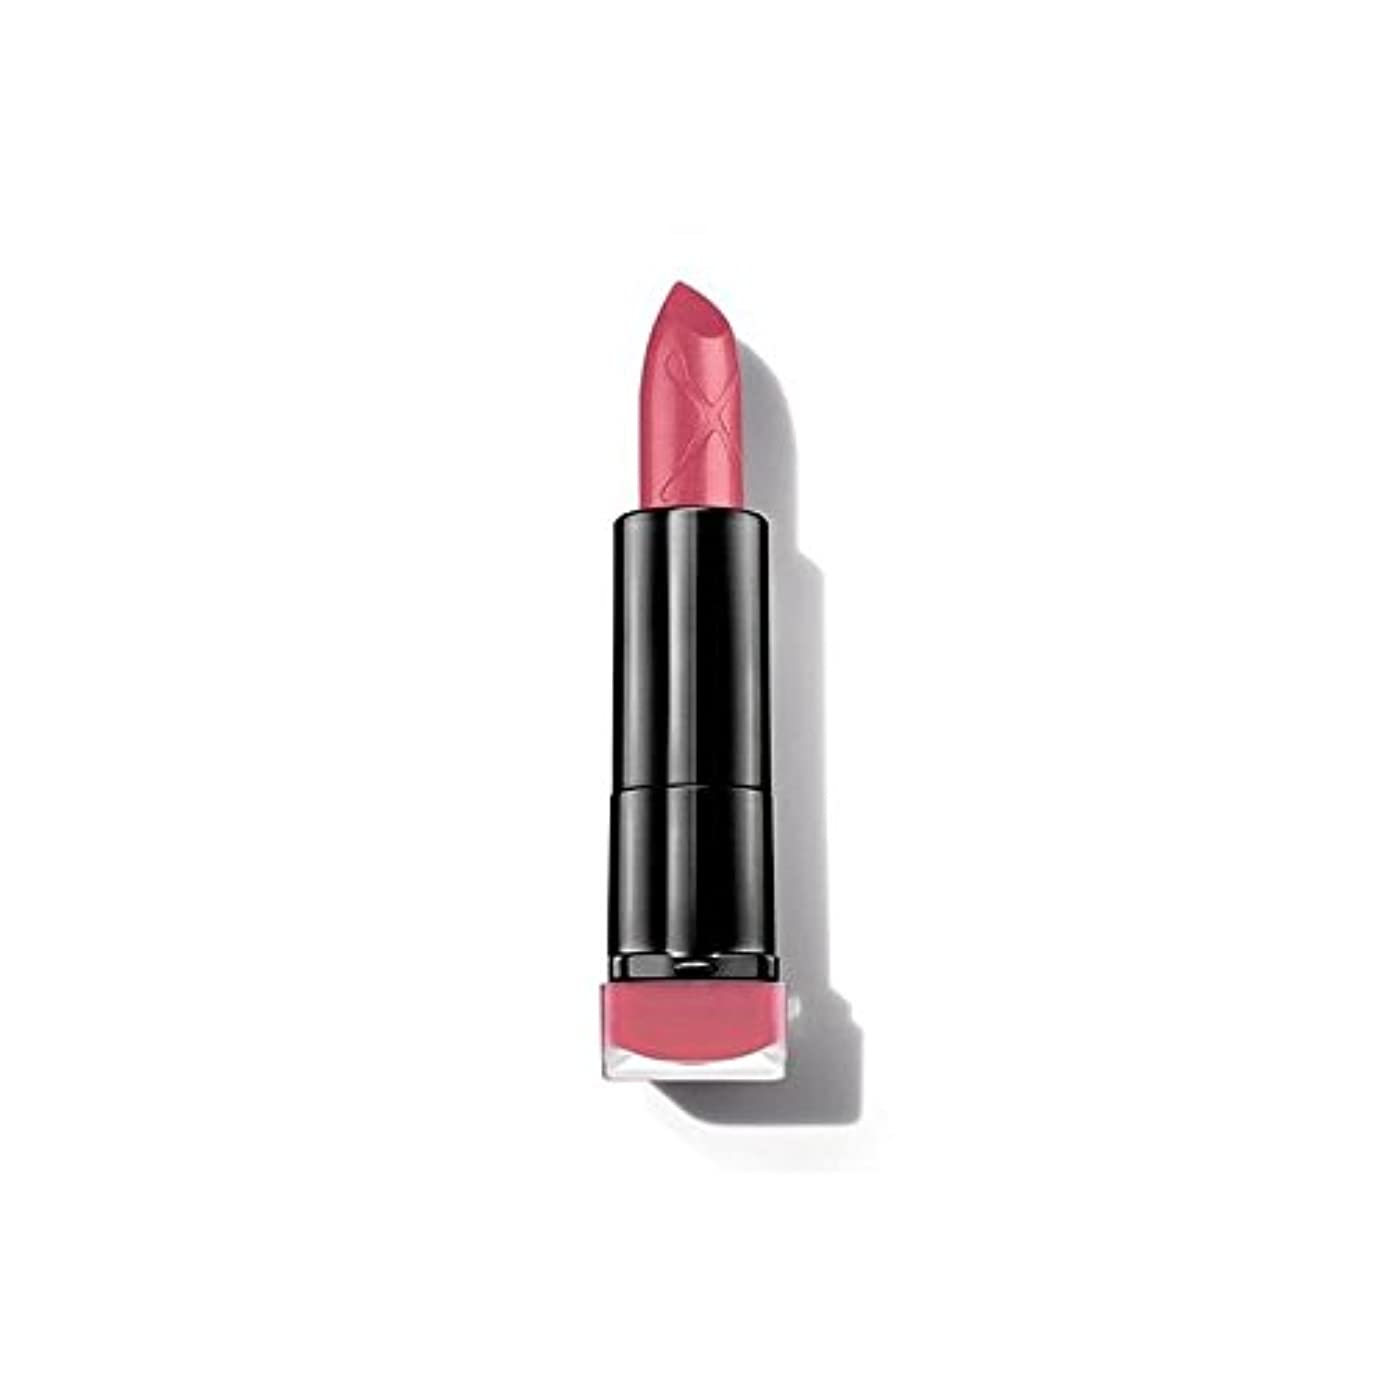 改革役立つ投票マックスファクターカラーエリキシルマット弾丸の口紅は、20ローズ x4 - Max Factor Colour Elixir Matte Bullet Lipstick Rose 20 (Pack of 4) [並行輸入品]